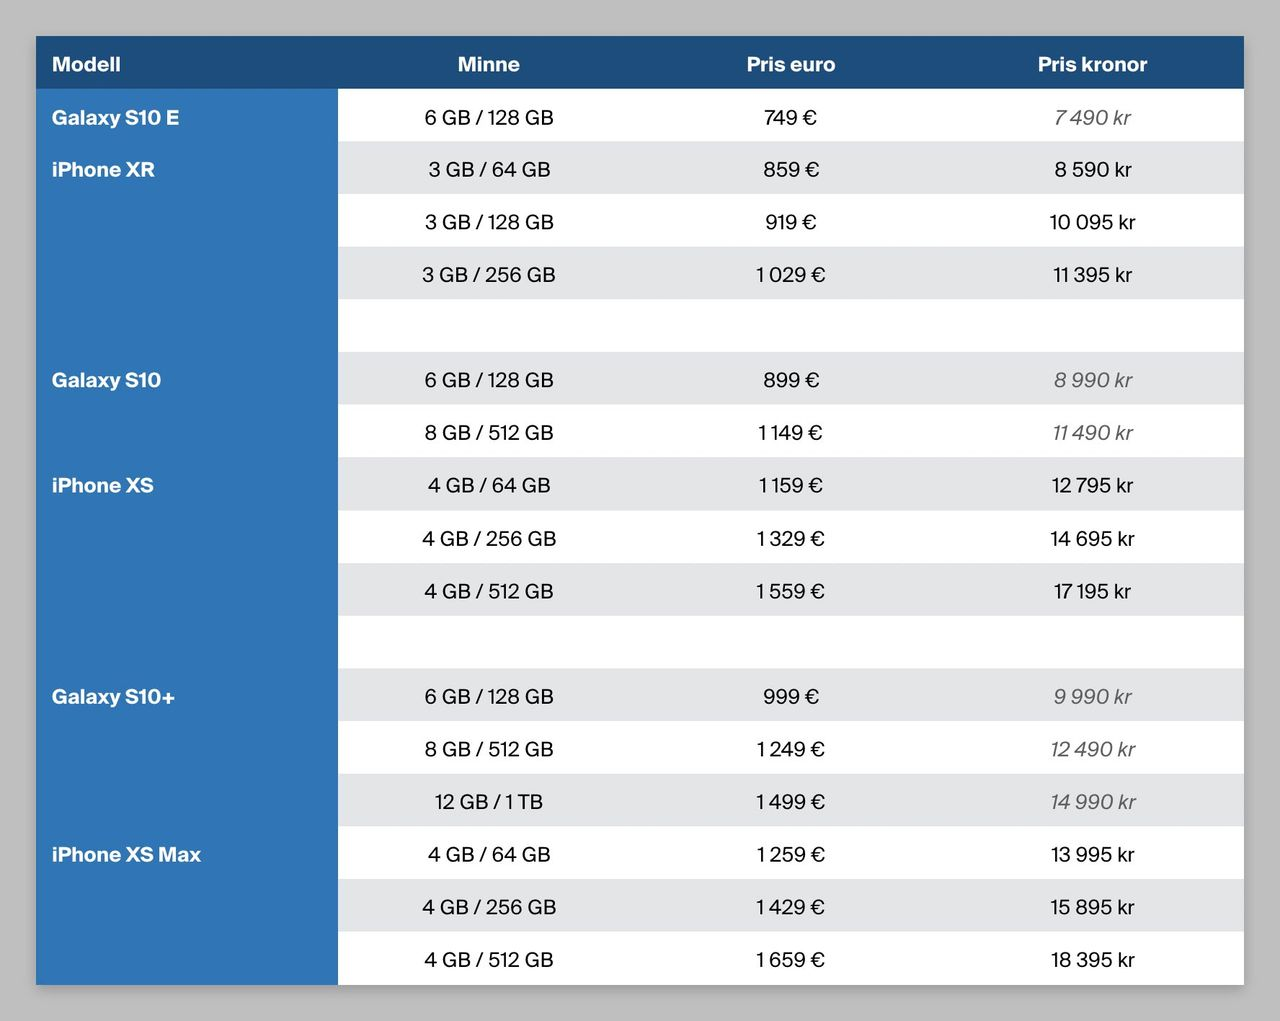 Vi har jämfört priserna på Samsung Galaxy S10 med iPhone